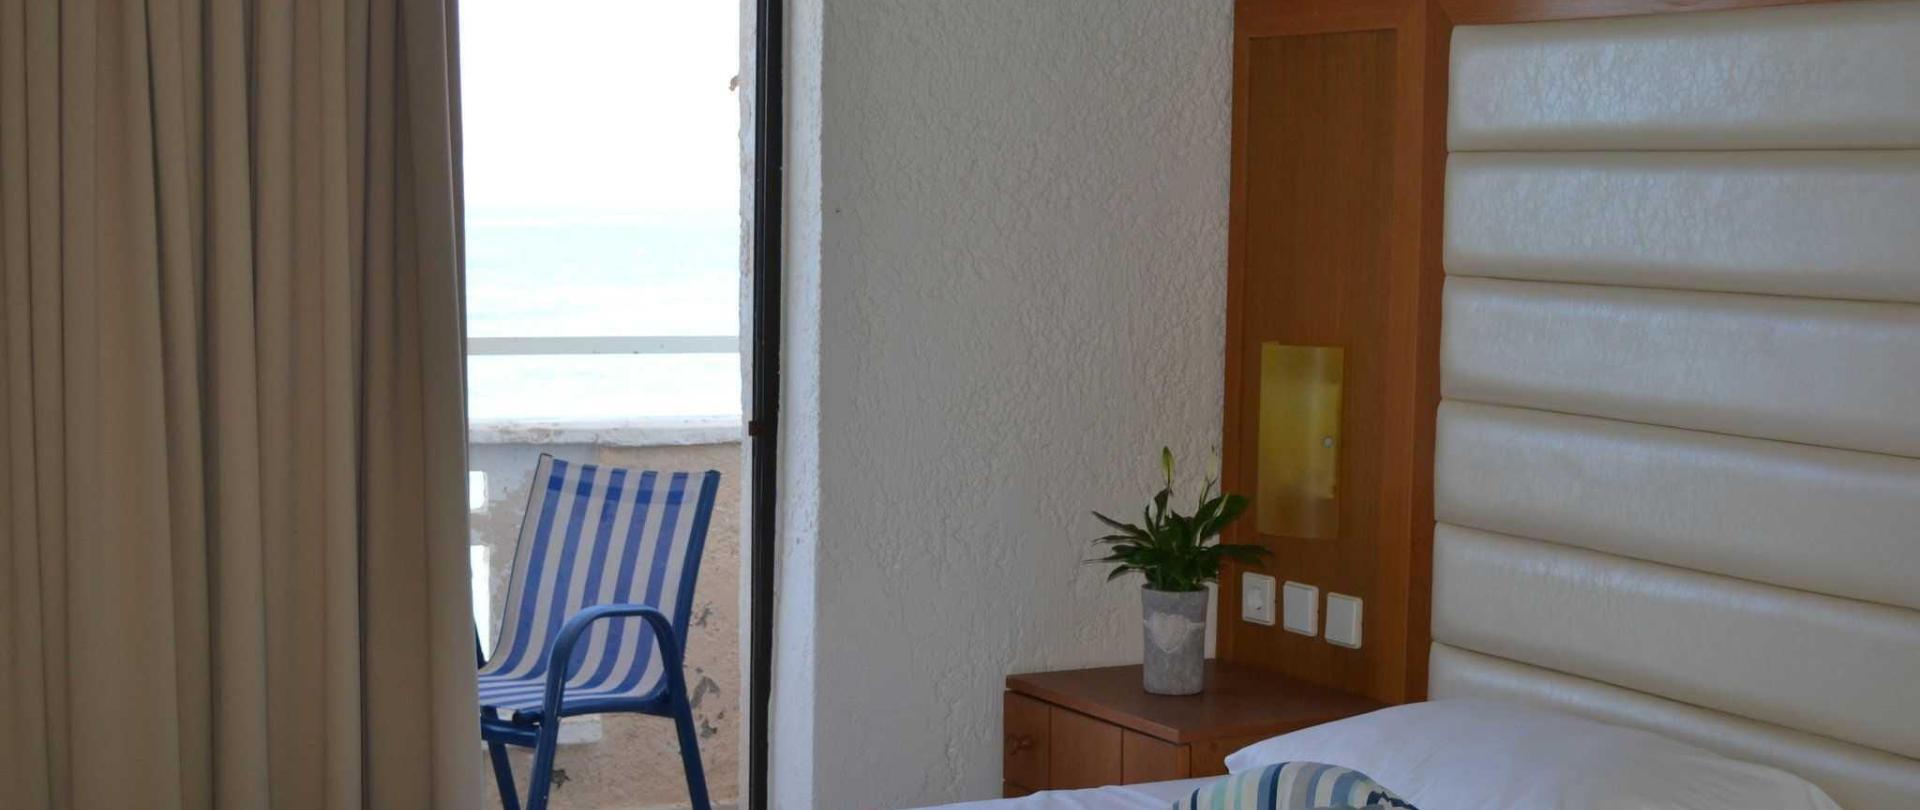 family-room-sv-2.JPG